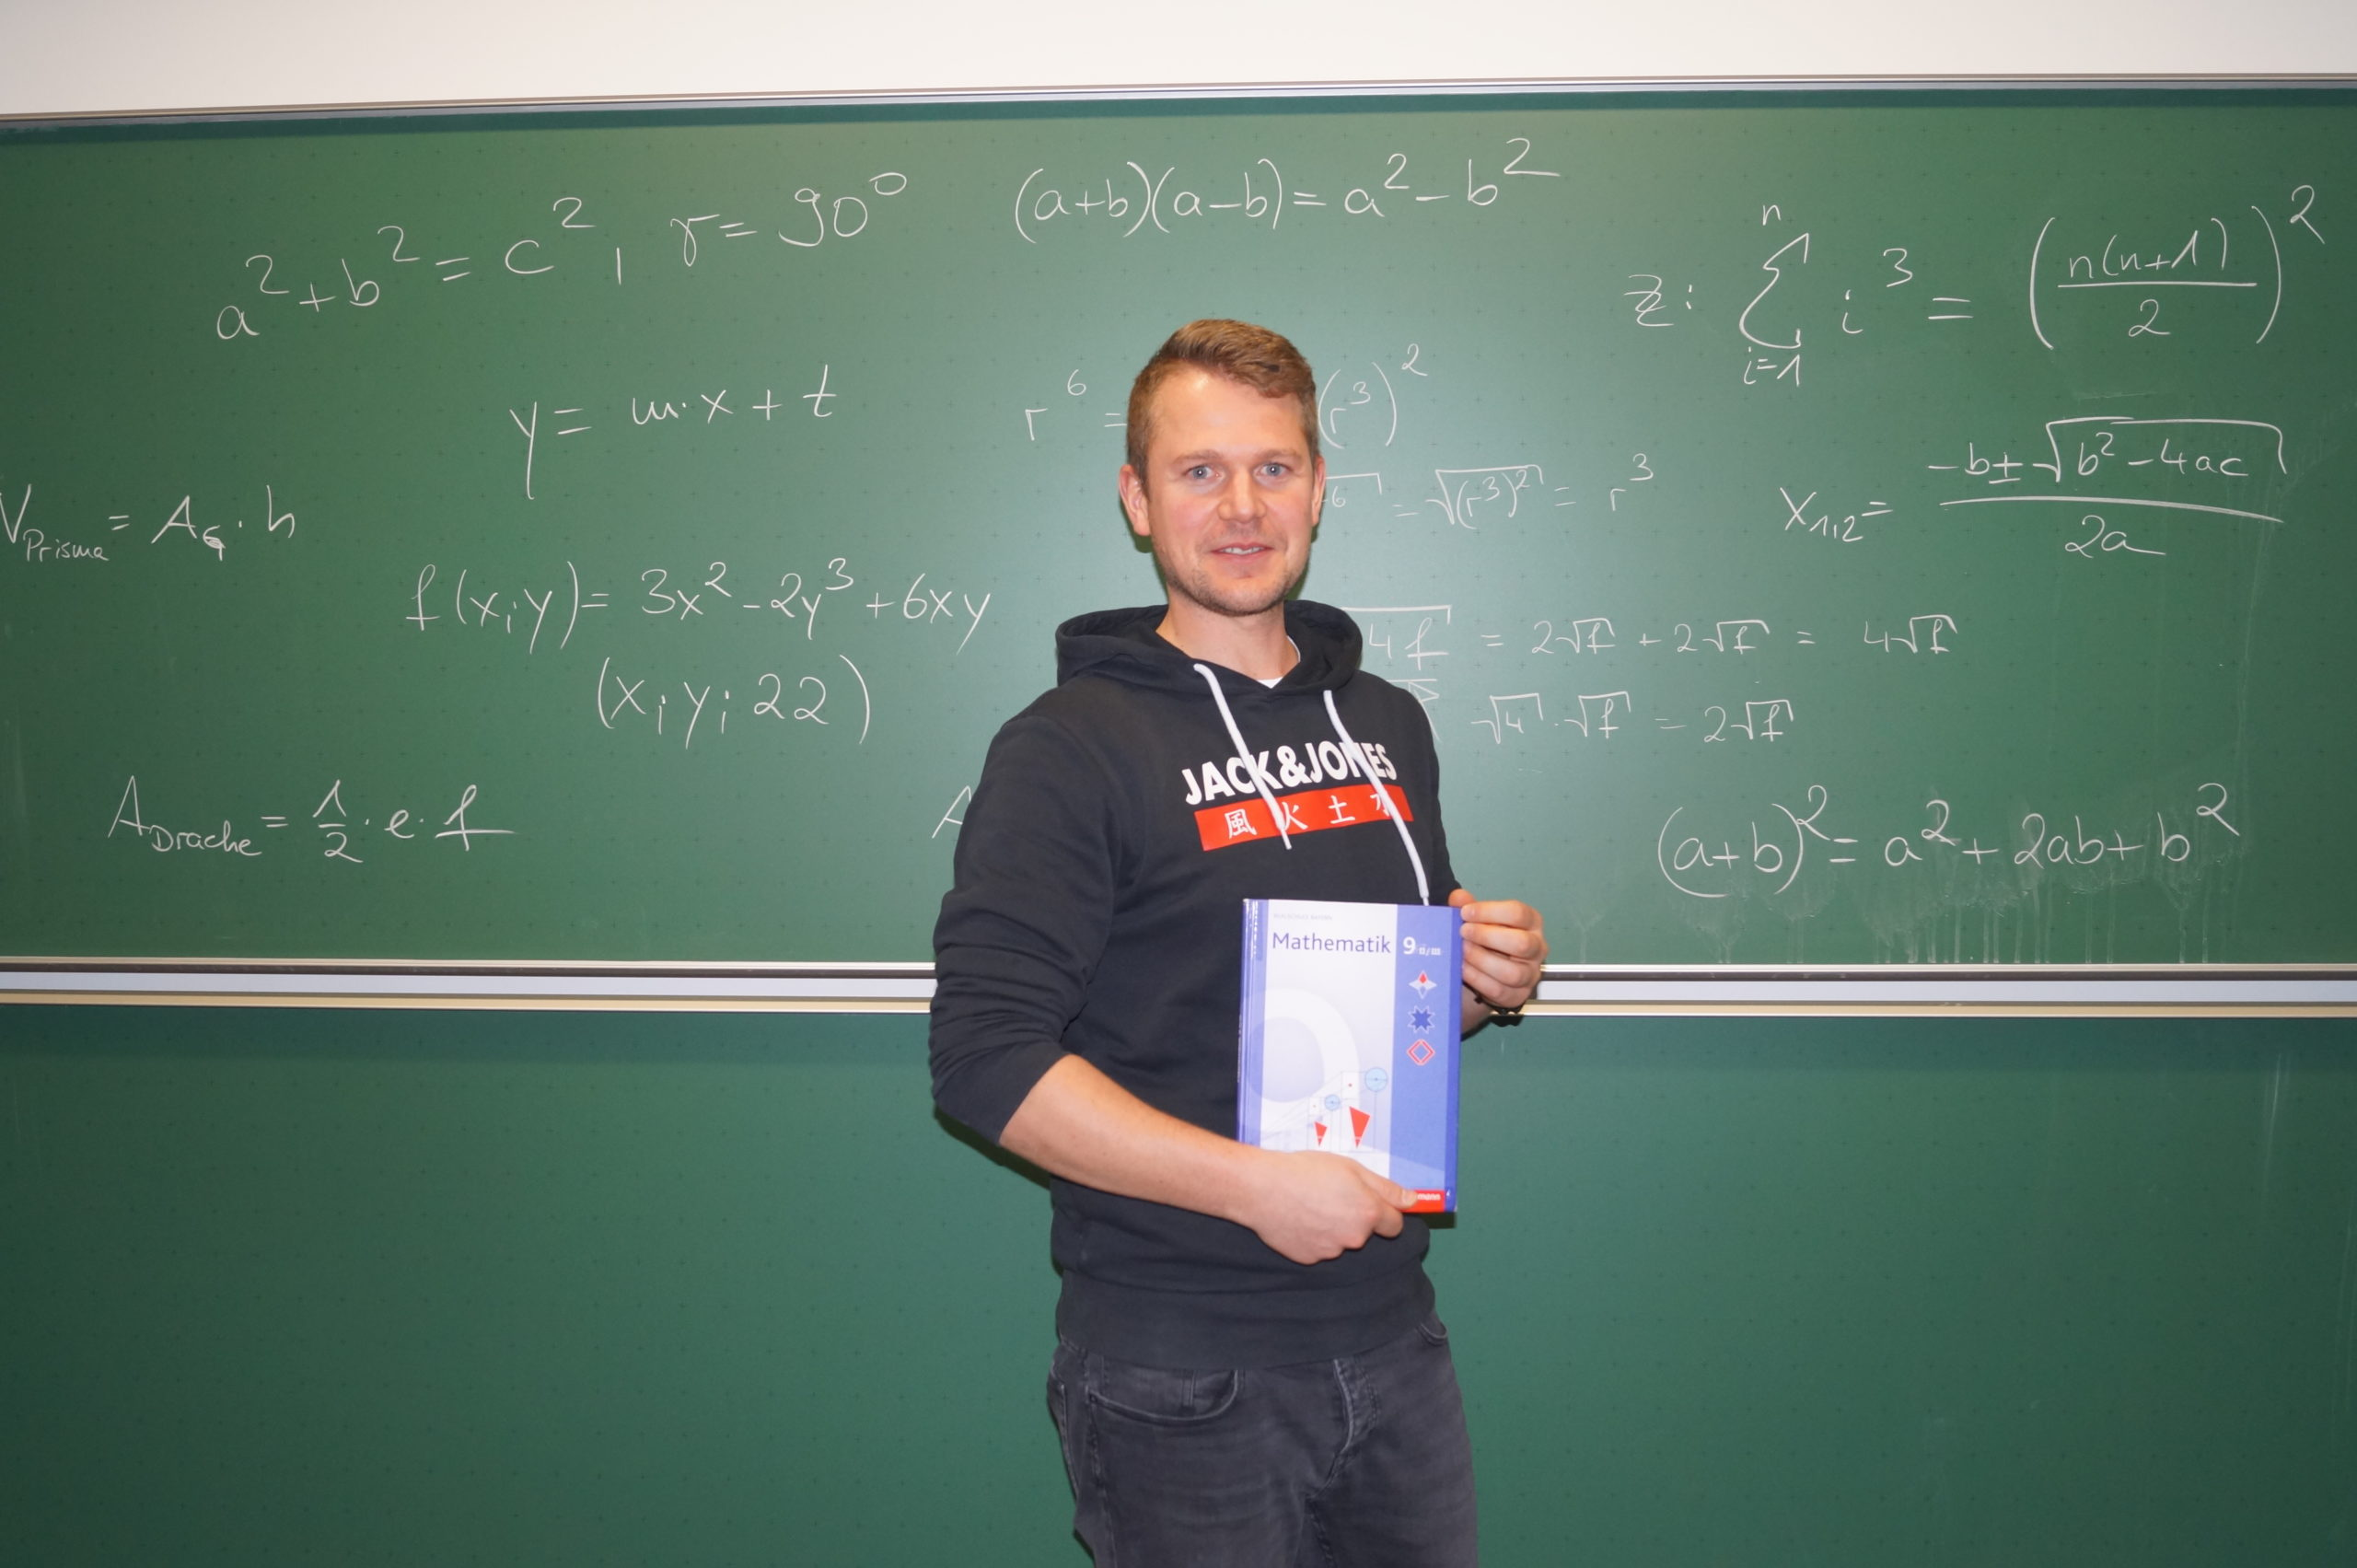 """In der Schule """"brav"""", privat """"wilder Hund"""" – Interview mit Herrn Beutlrock"""